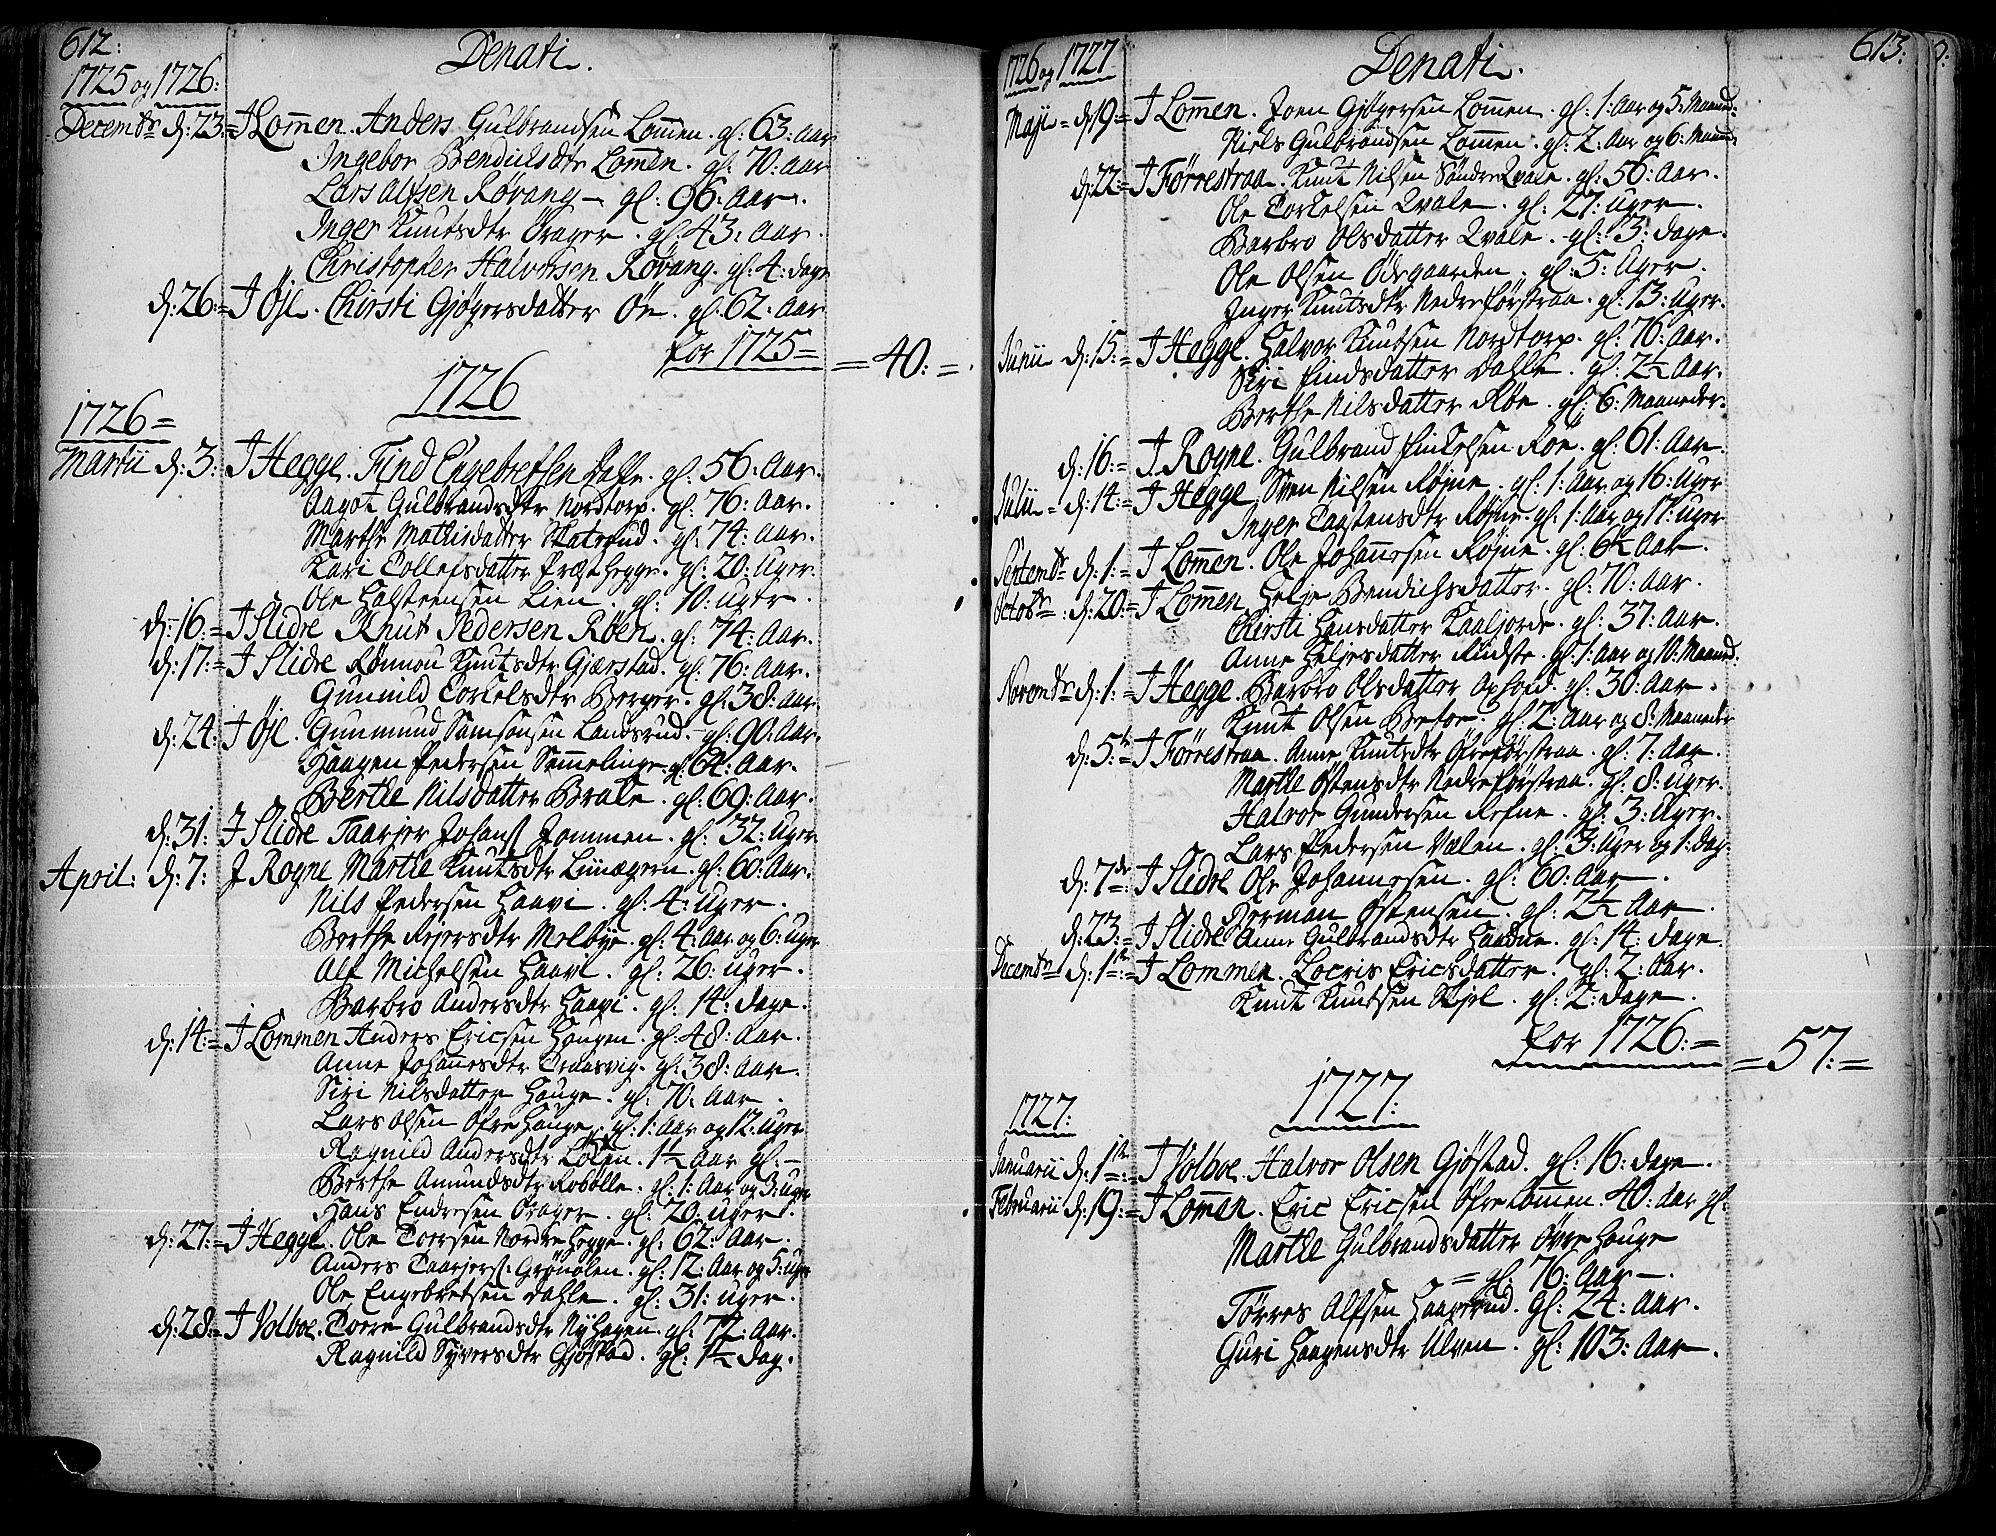 SAH, Slidre prestekontor, Ministerialbok nr. 1, 1724-1814, s. 612-613